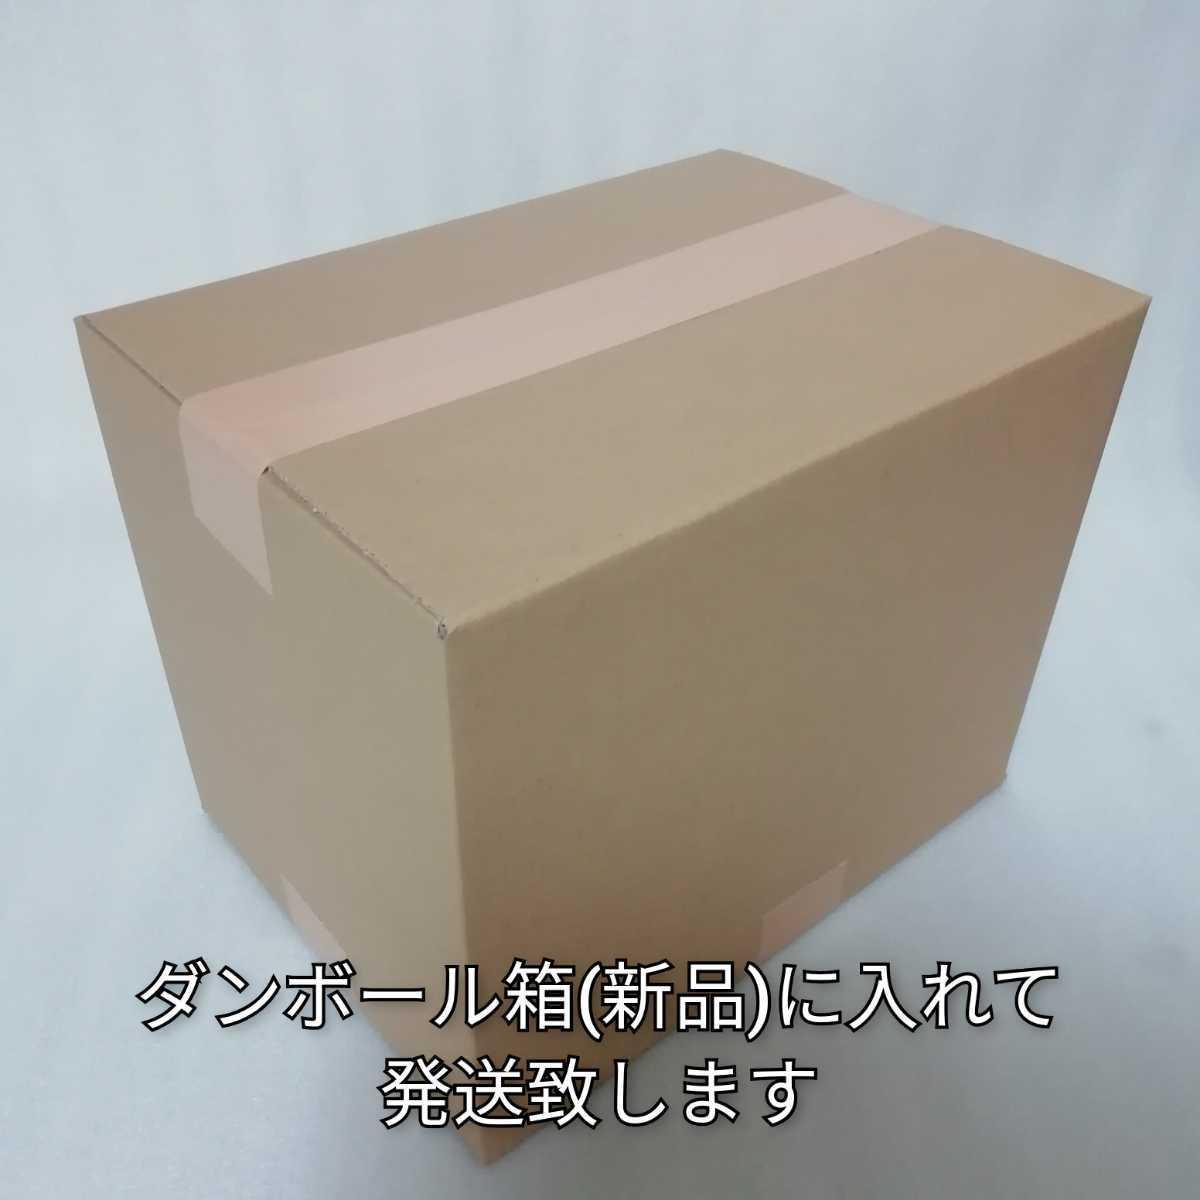 とらや 2本セット 竹皮包羊羹 化粧箱入 羊羹 ようかん 夜の梅 虎屋_画像4